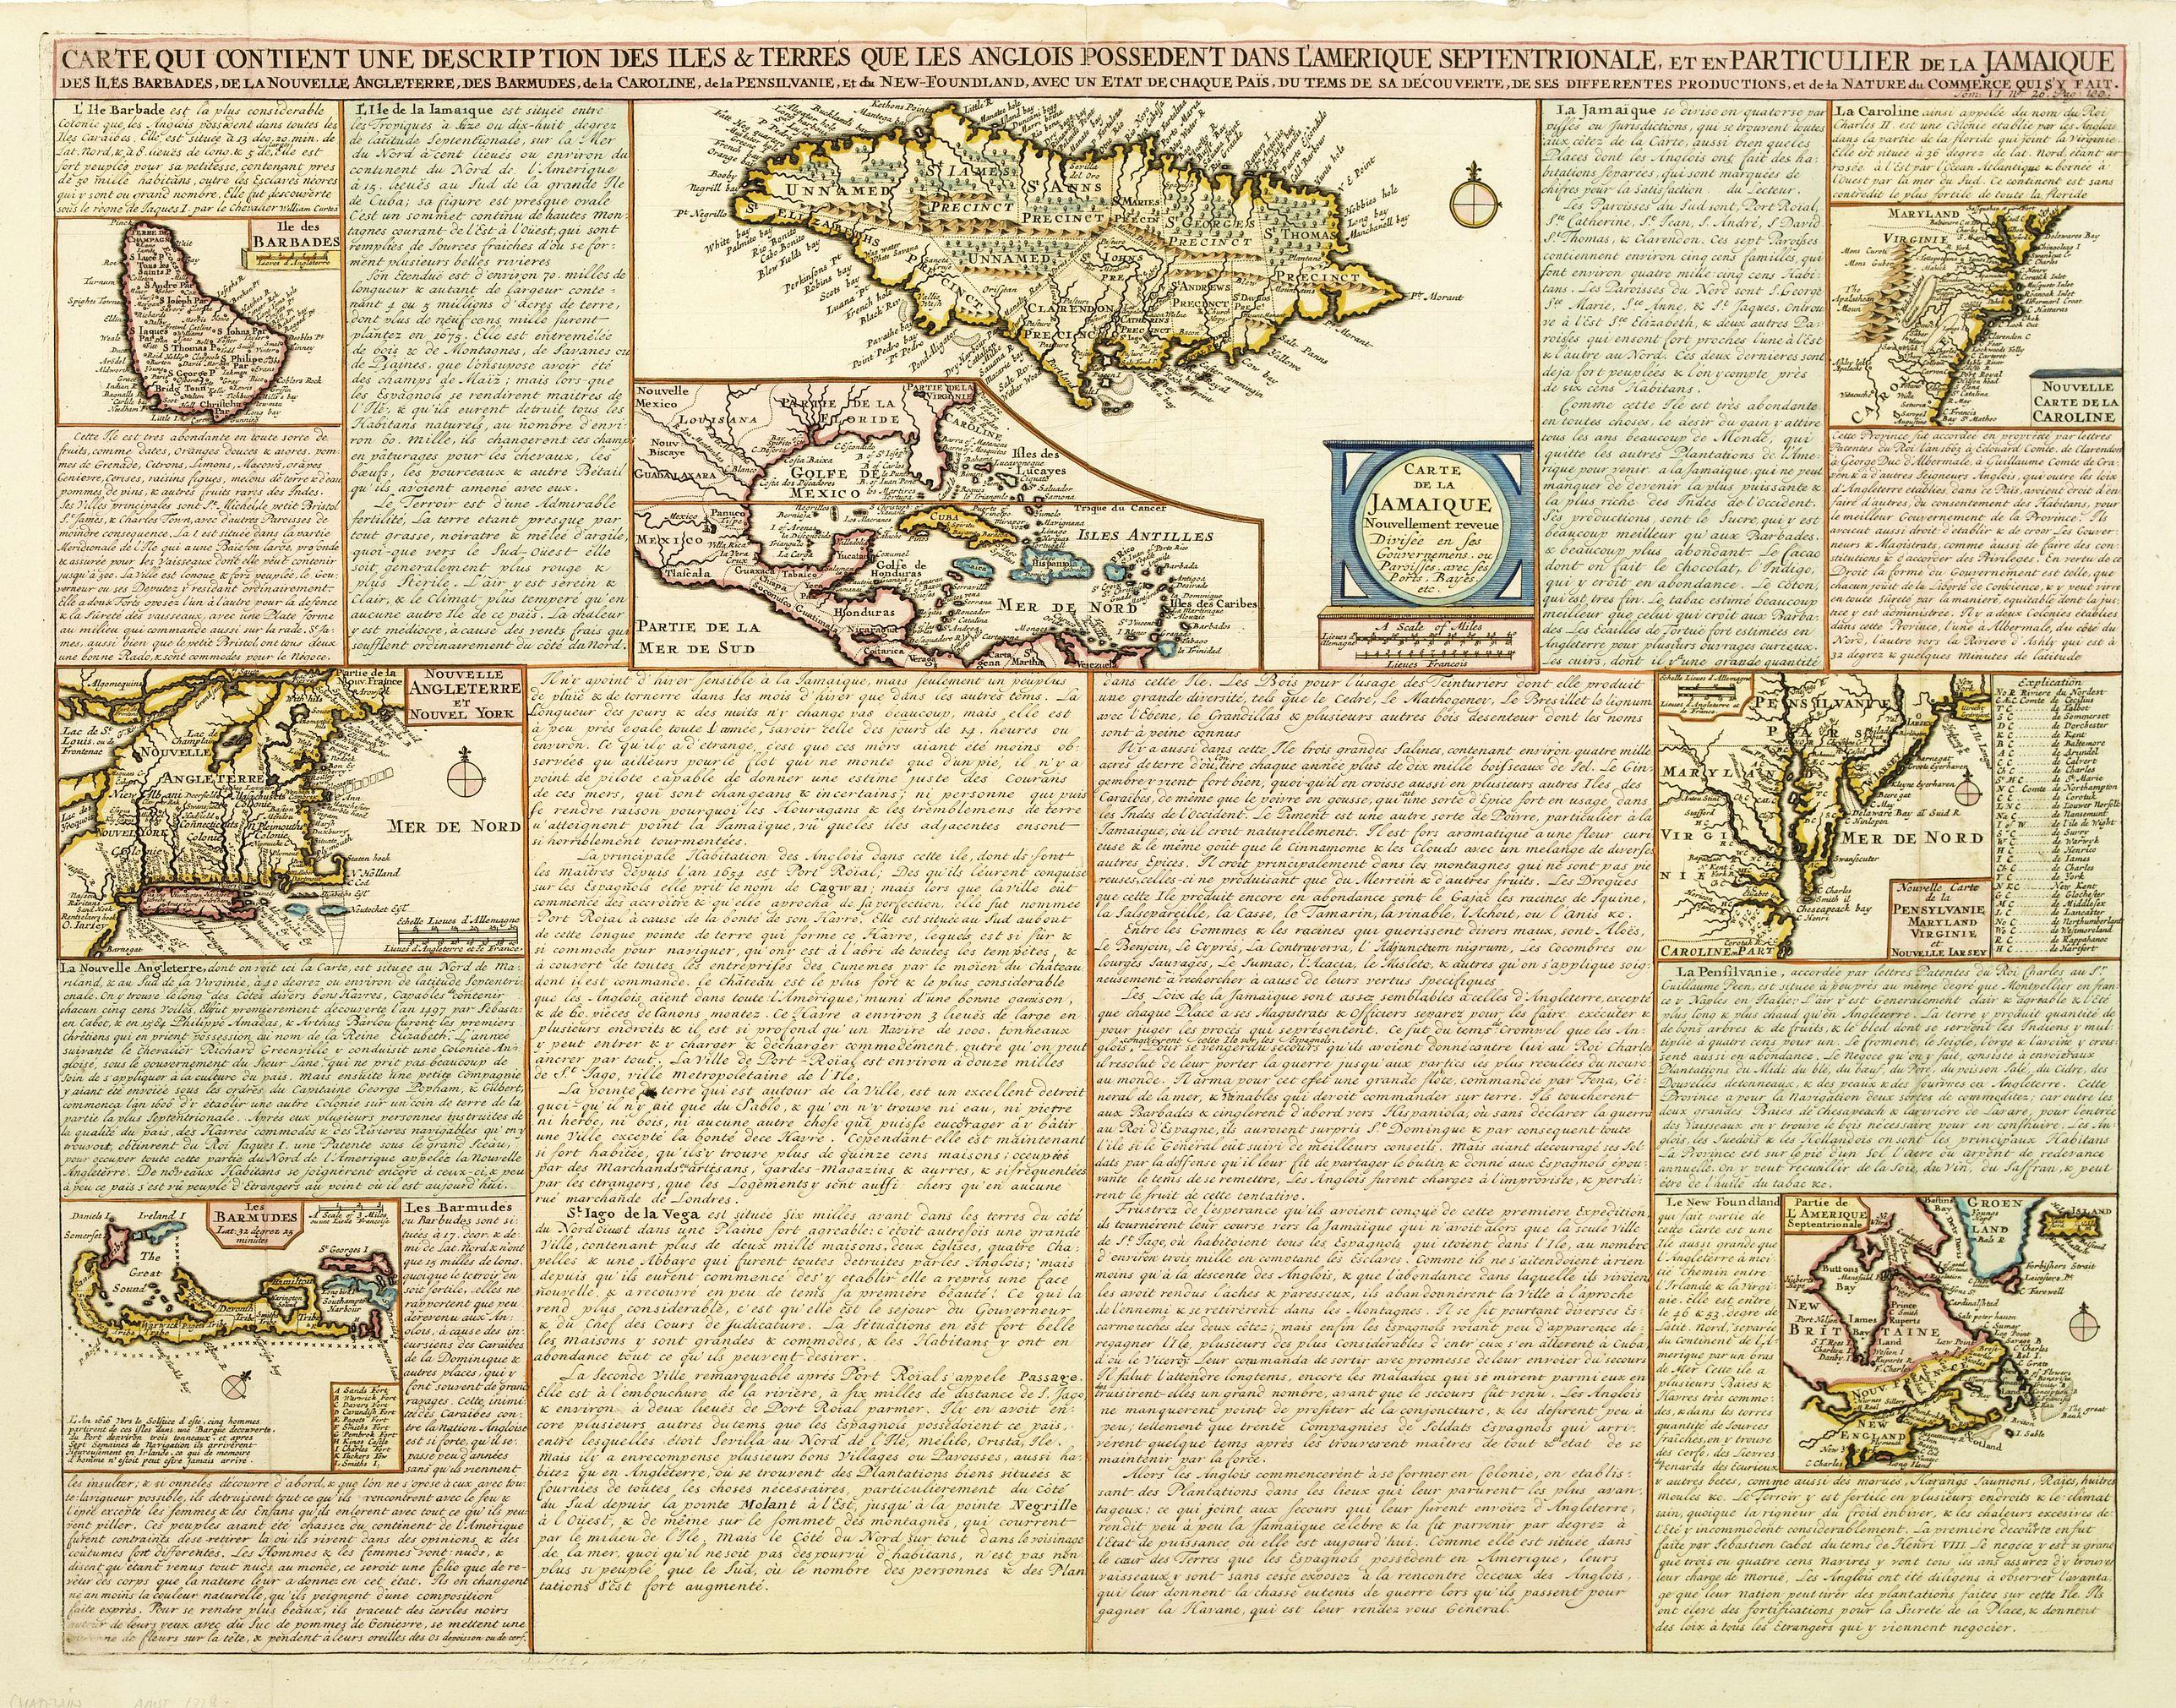 CHATELAIN, H. -  Carte qui contient..Iles & Terres..L'Amerique..Jamaique..